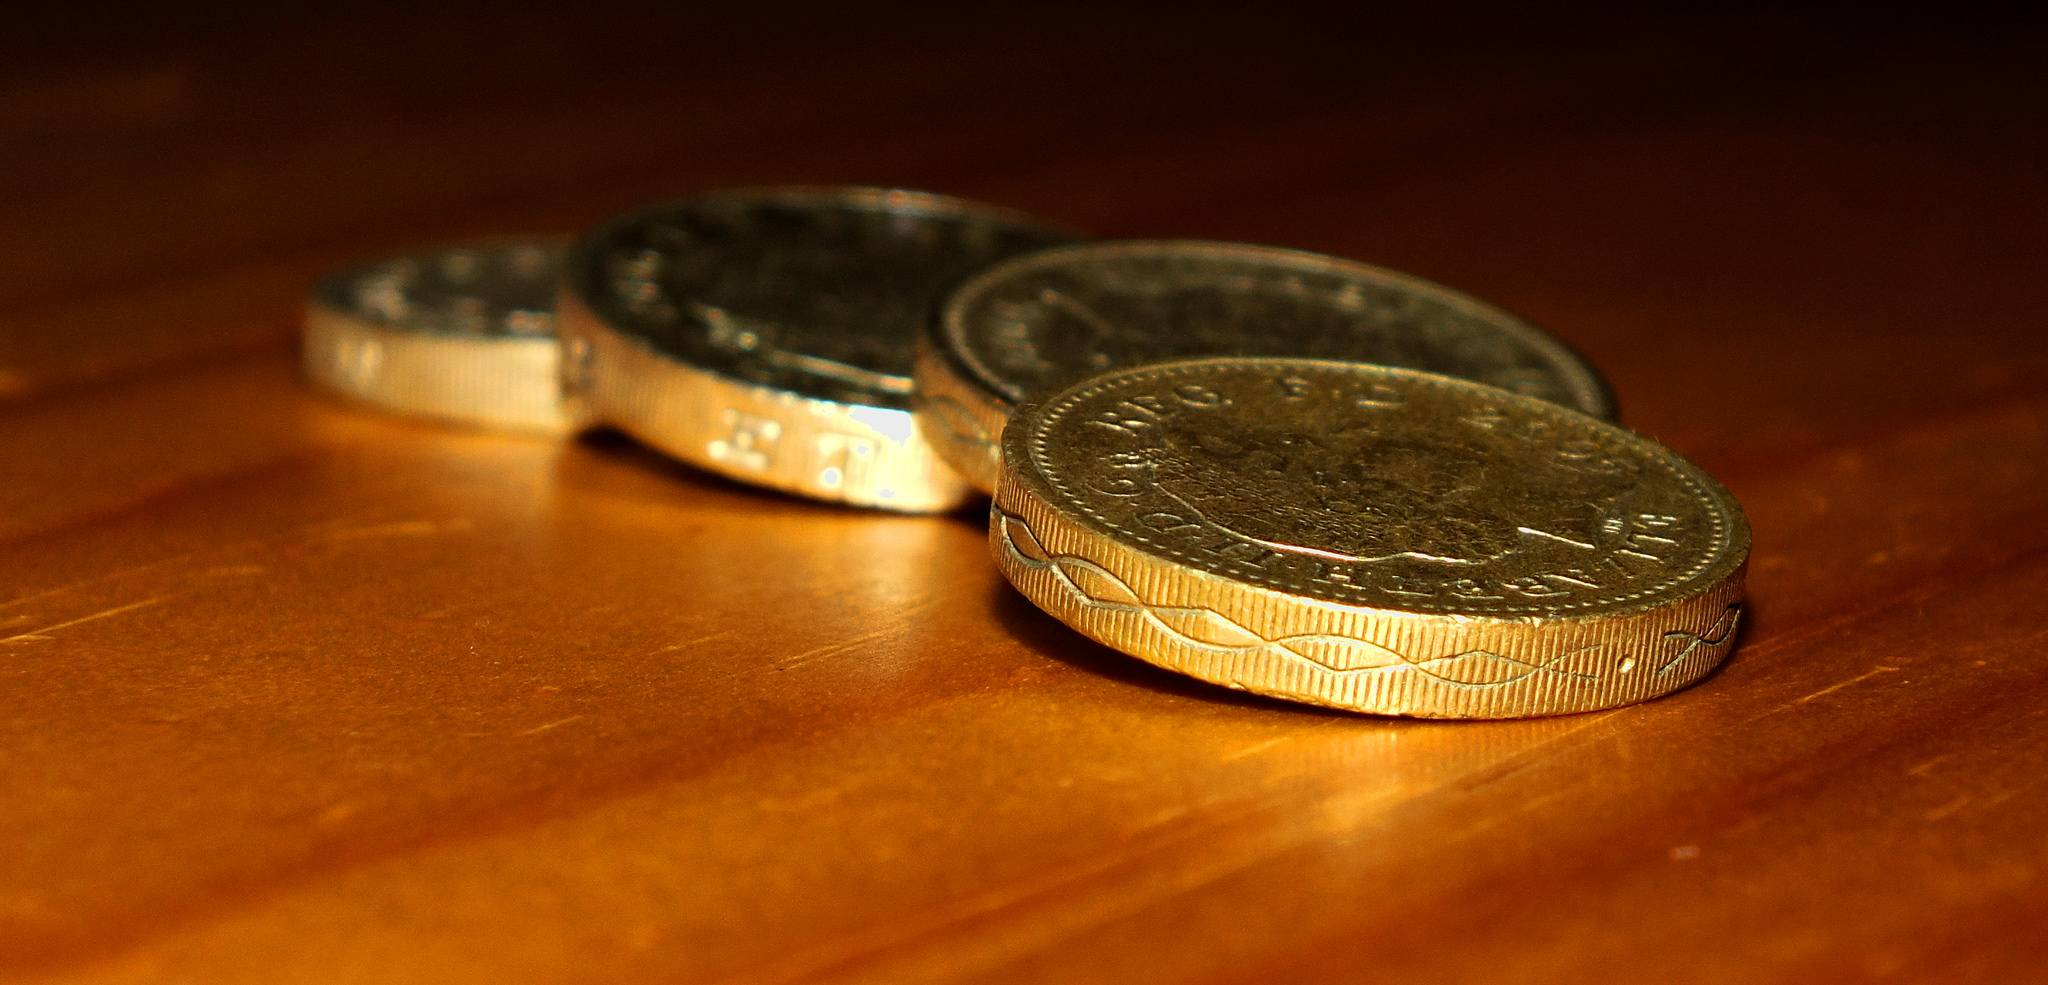 Cómo insertar un conversor de divisas en WordPress - Cuatro monedas